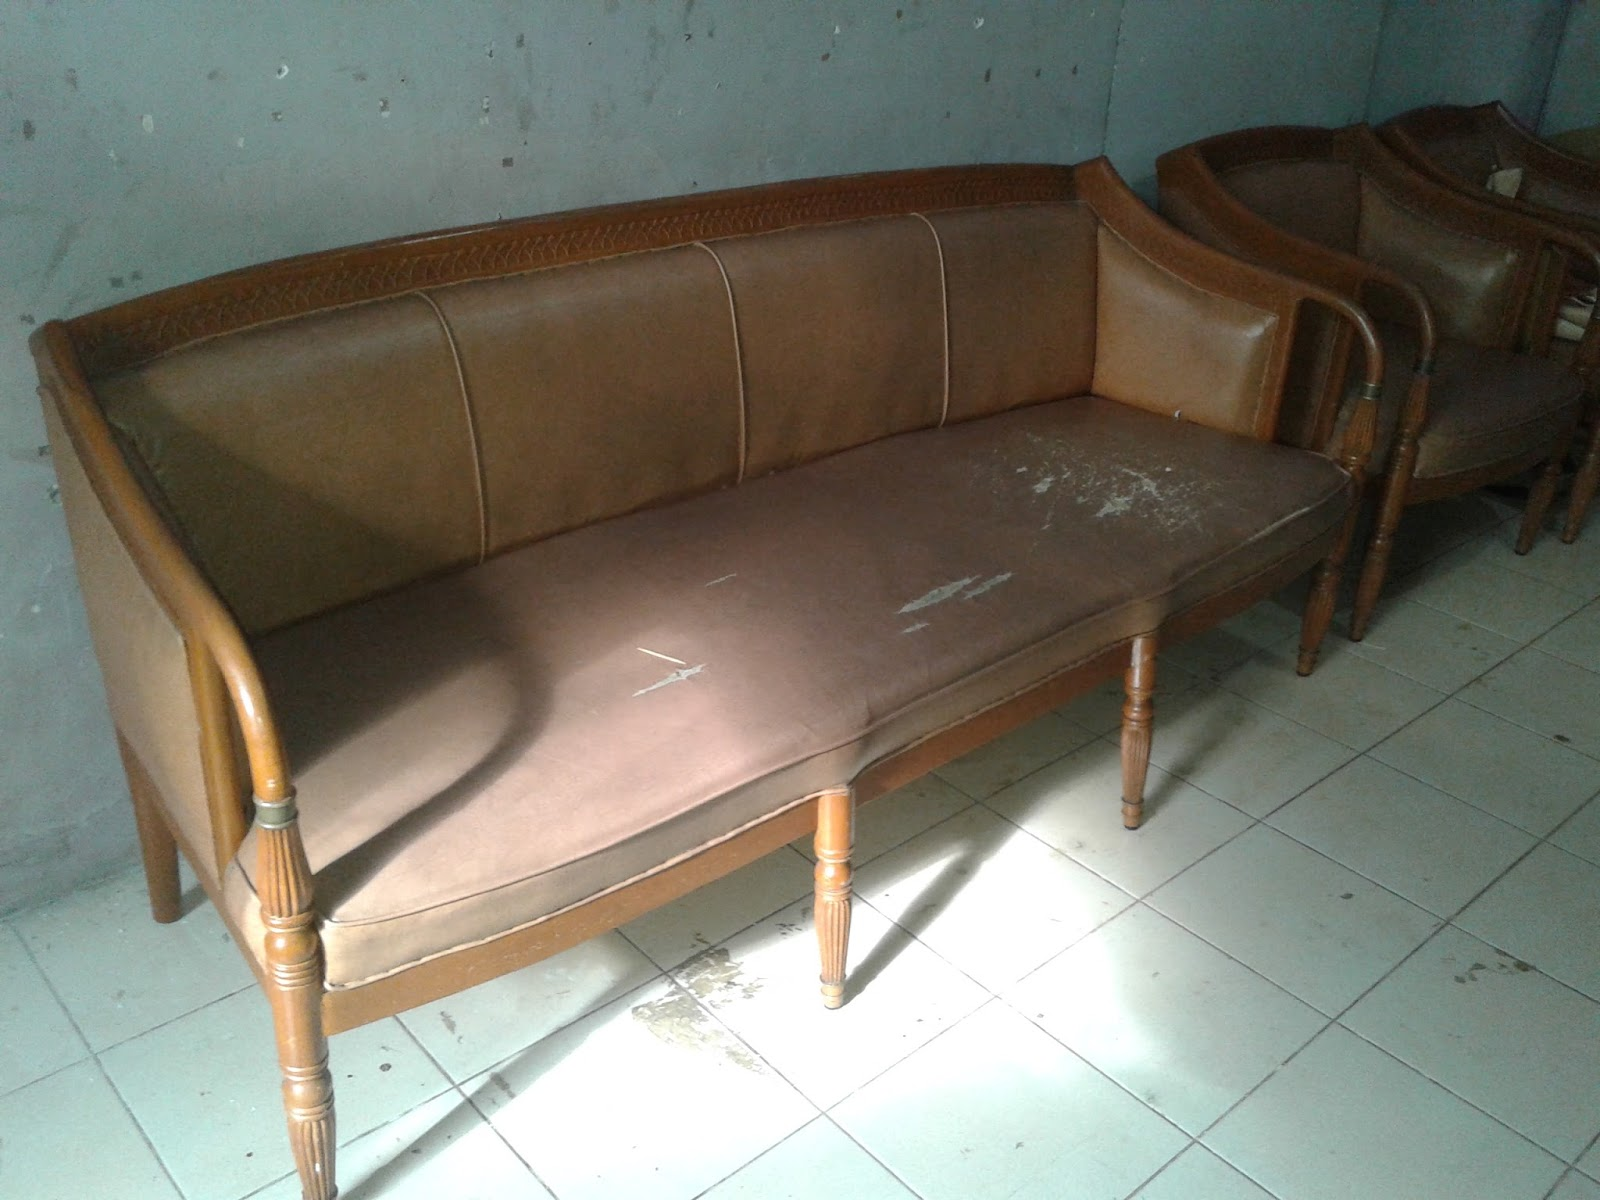 Ganti Model Ganti Kulit Sofa Dan Cuci Sofa Di Bandung